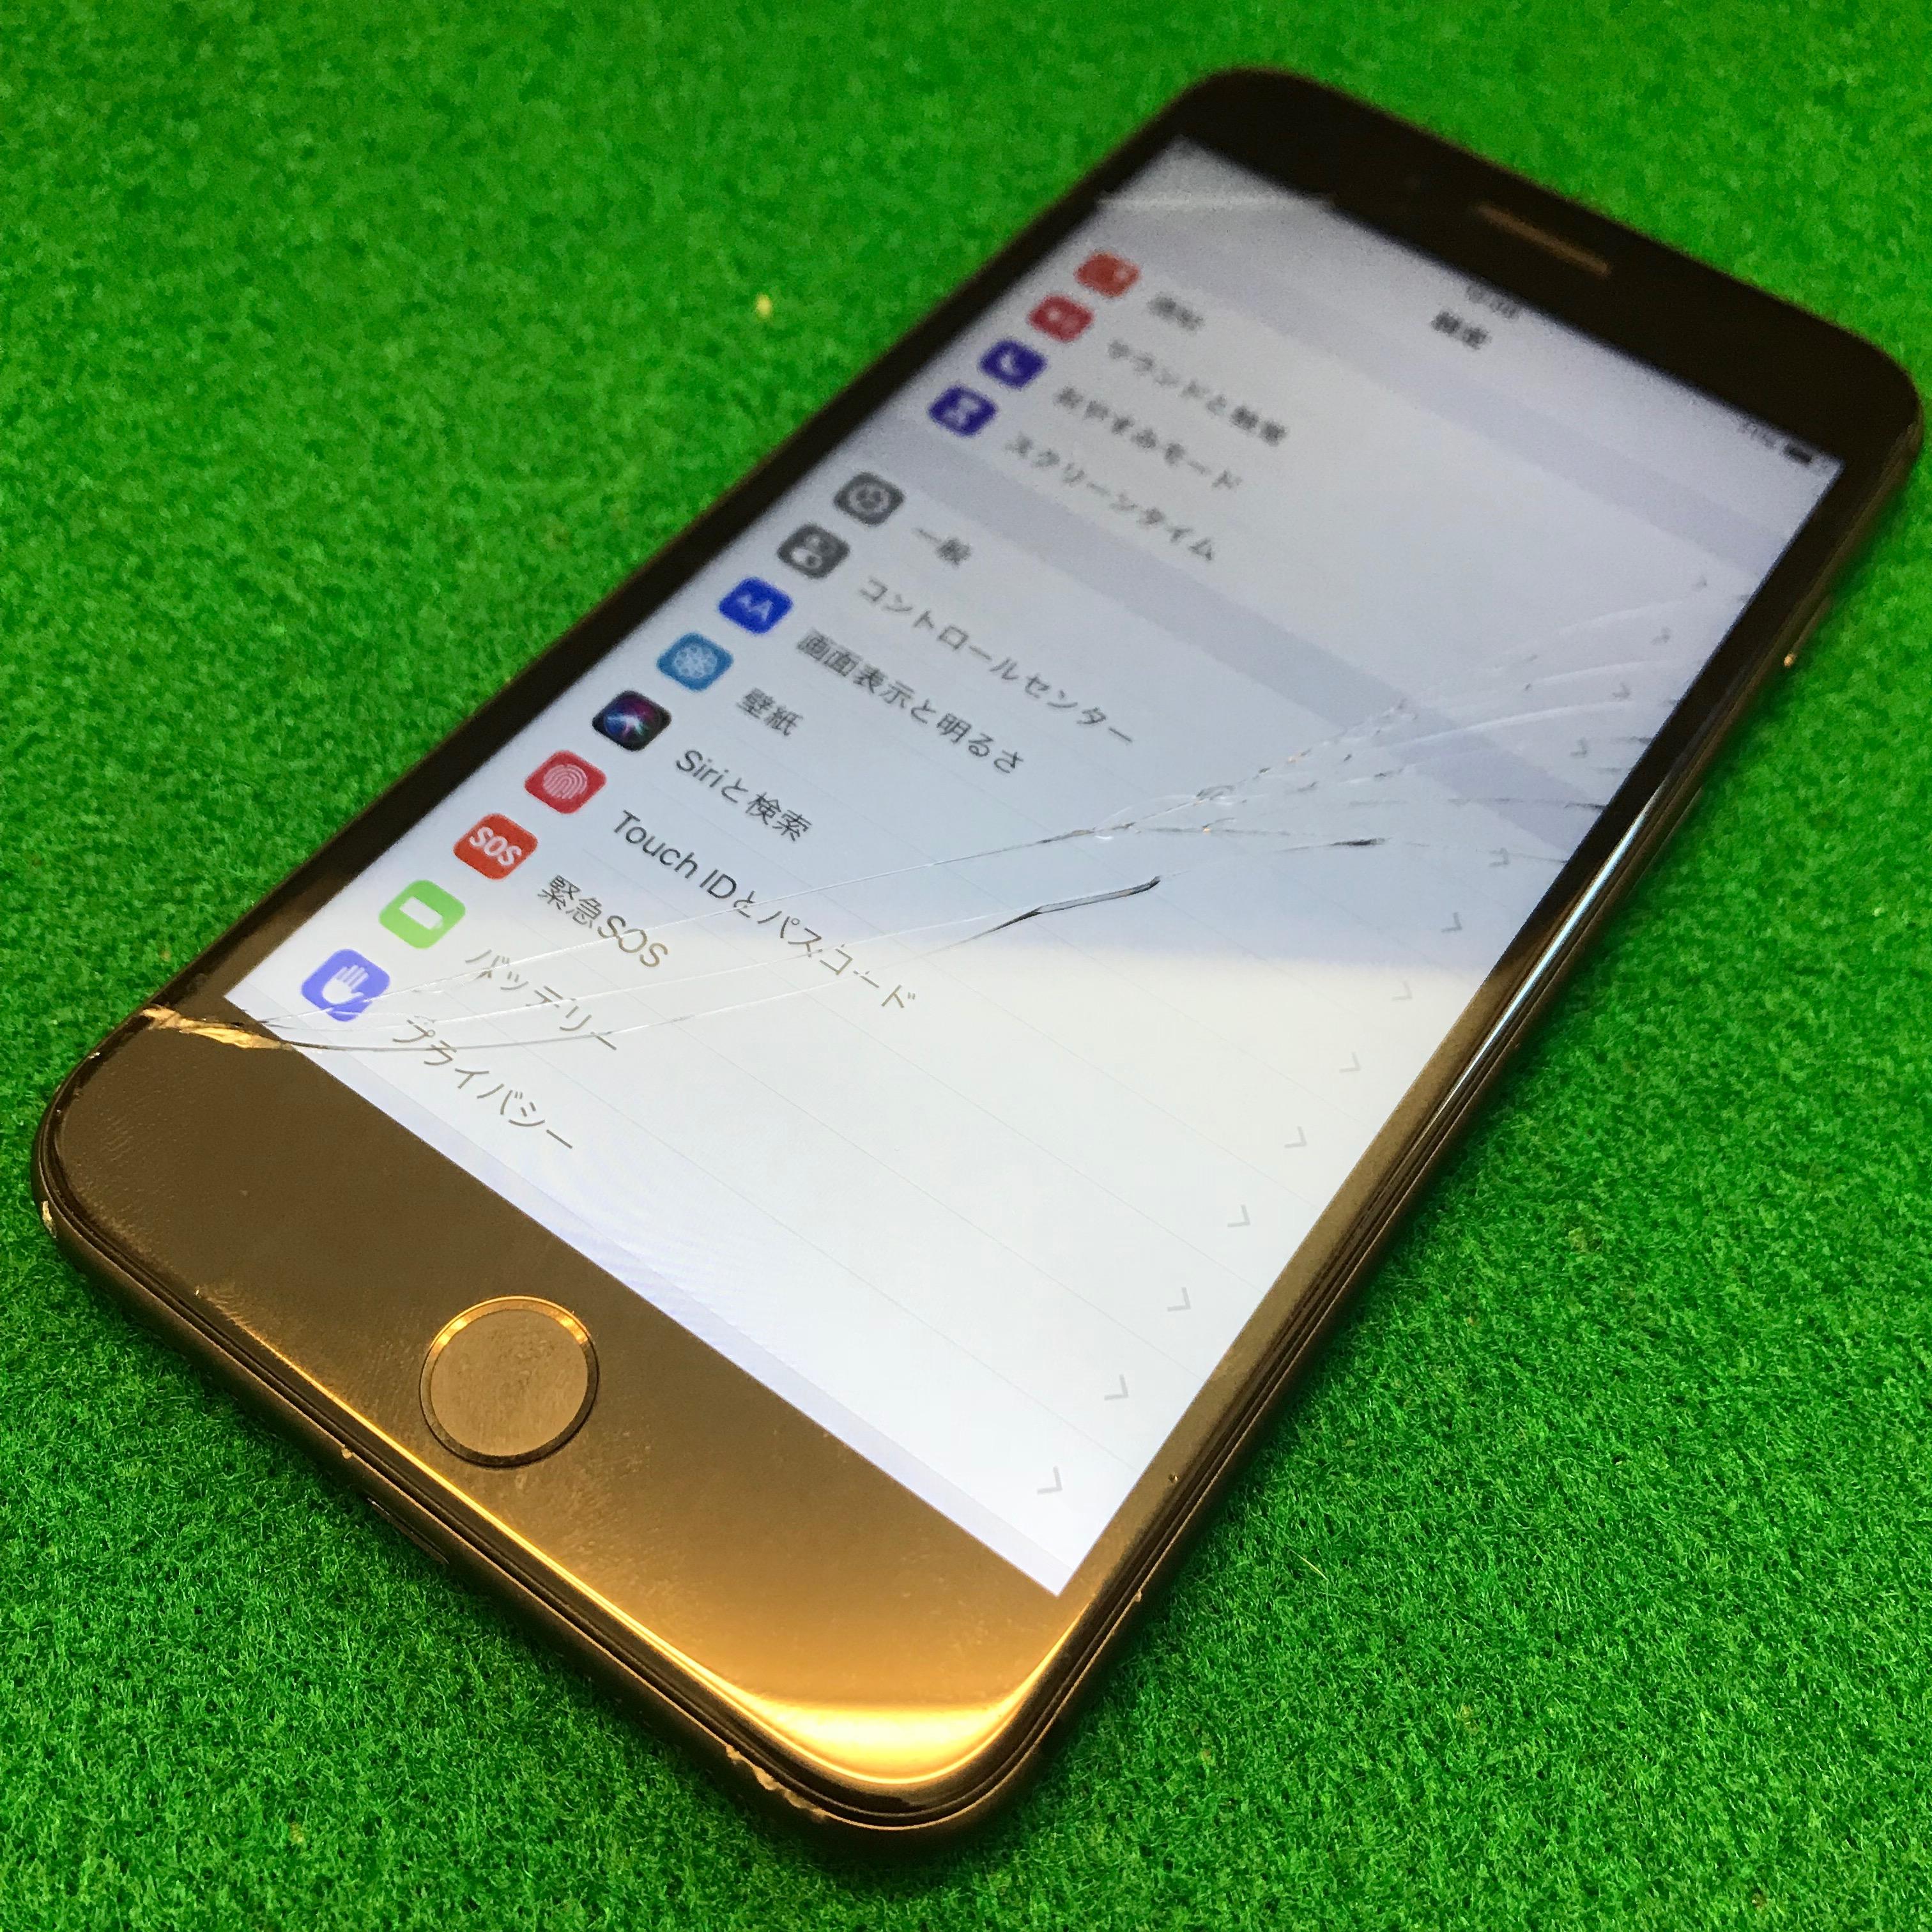 0a66b04312 iPhone6Sのガラス割れ